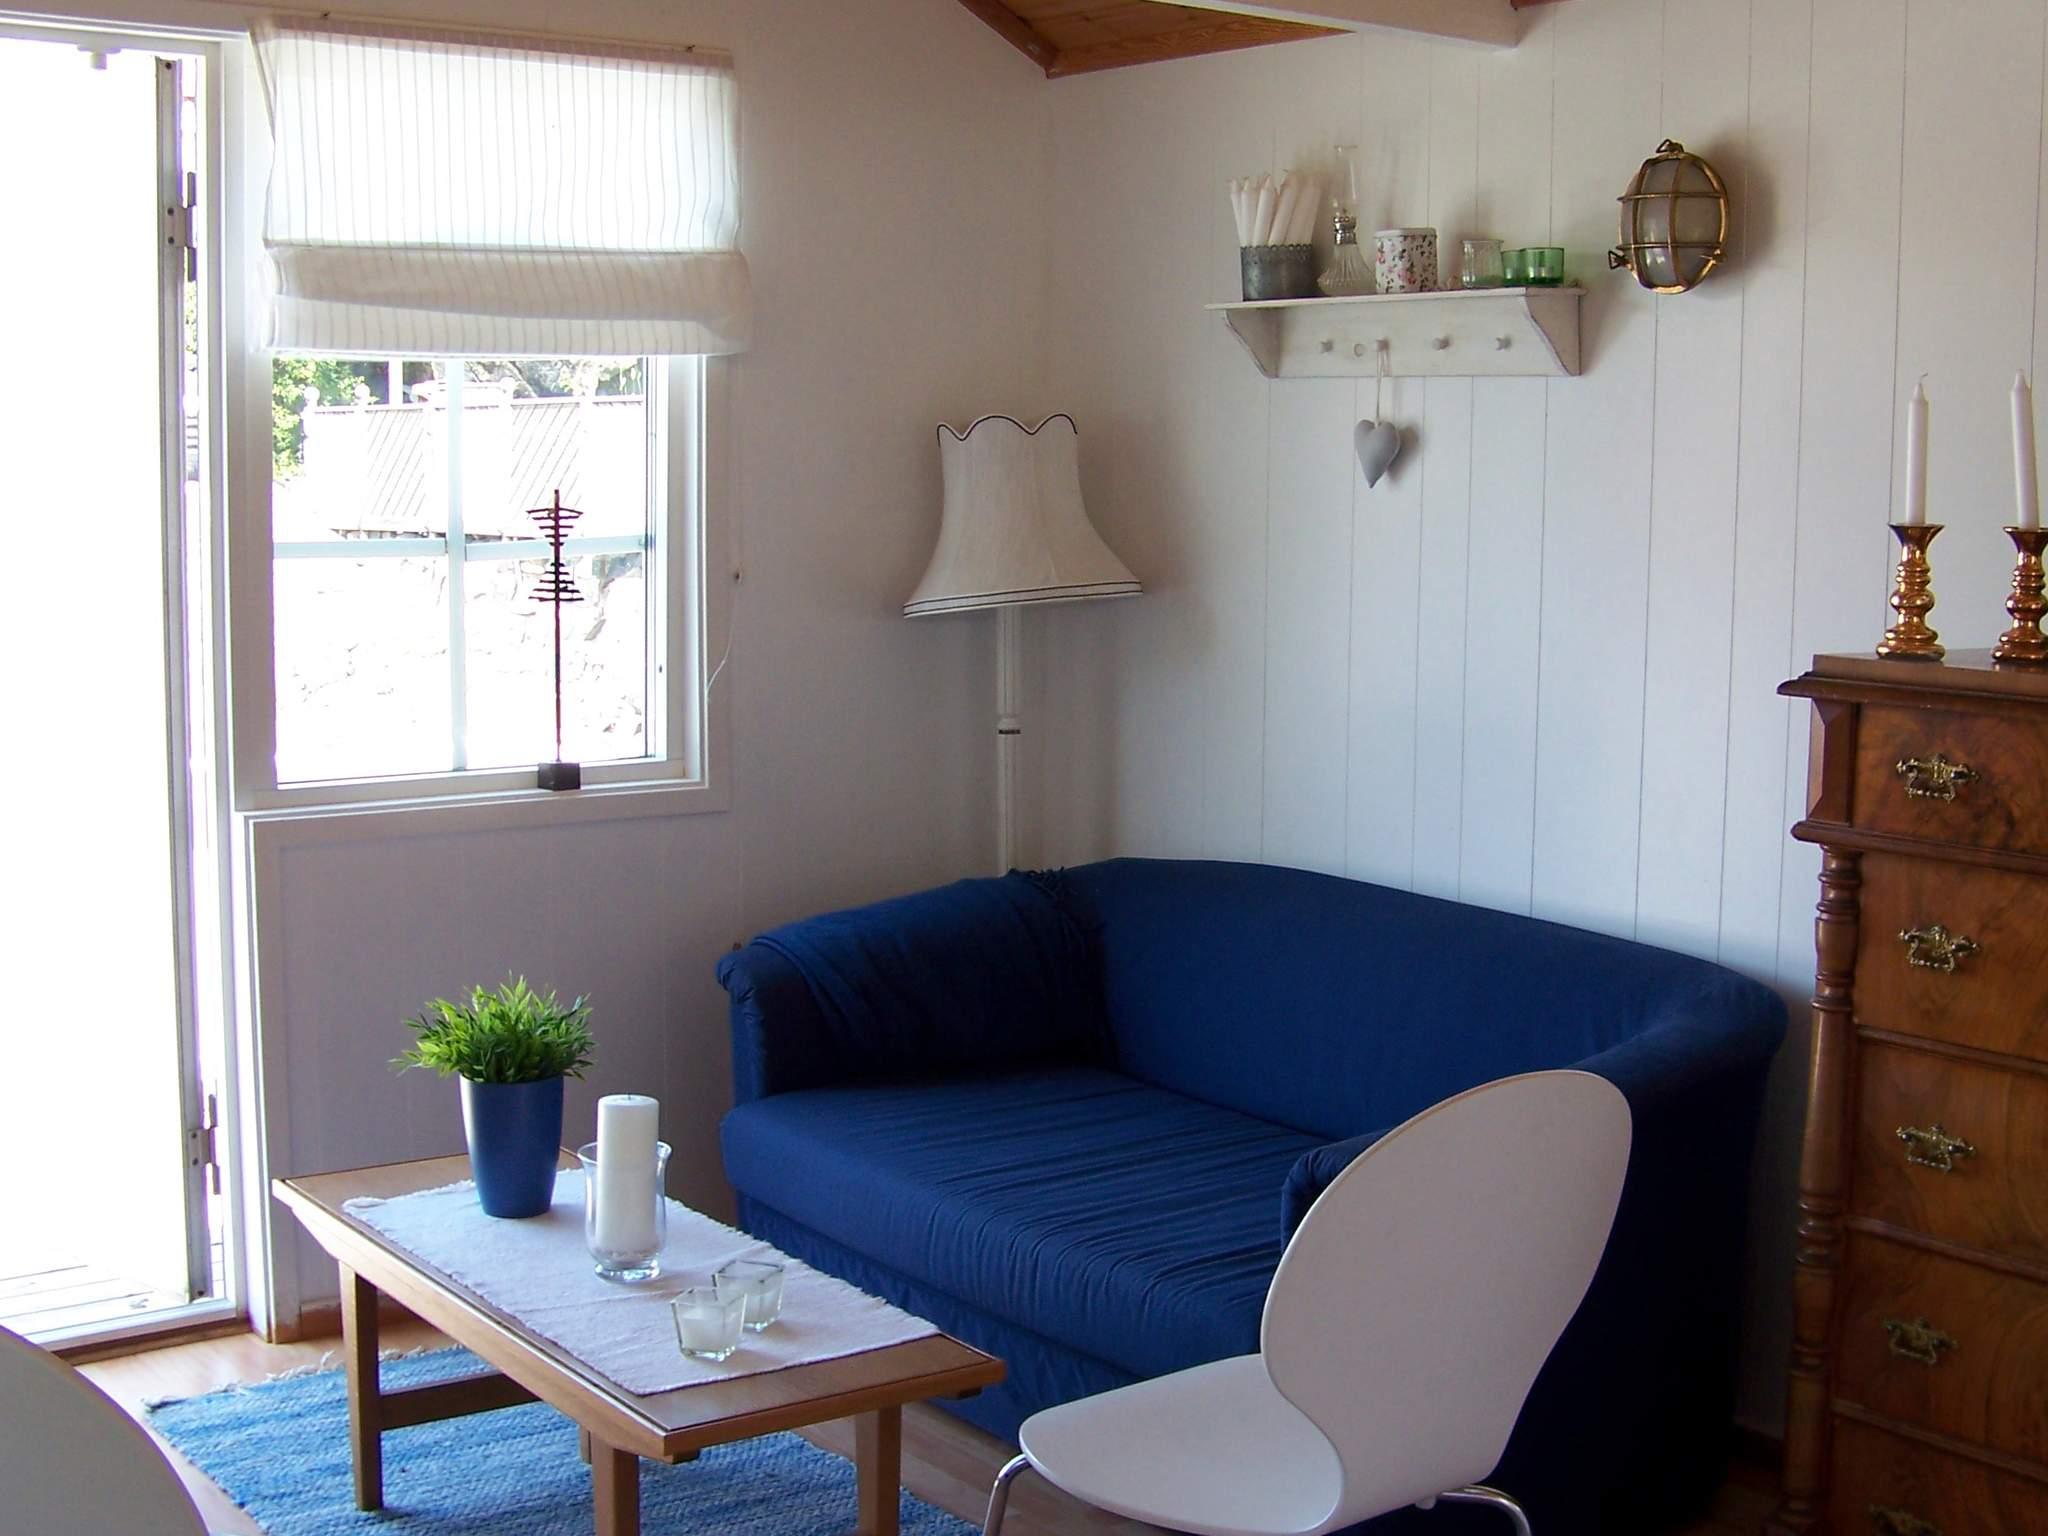 Ferienhaus Tjörn/Rönnäng (490413), Rönnäng, Tjörn, Westschweden, Schweden, Bild 3